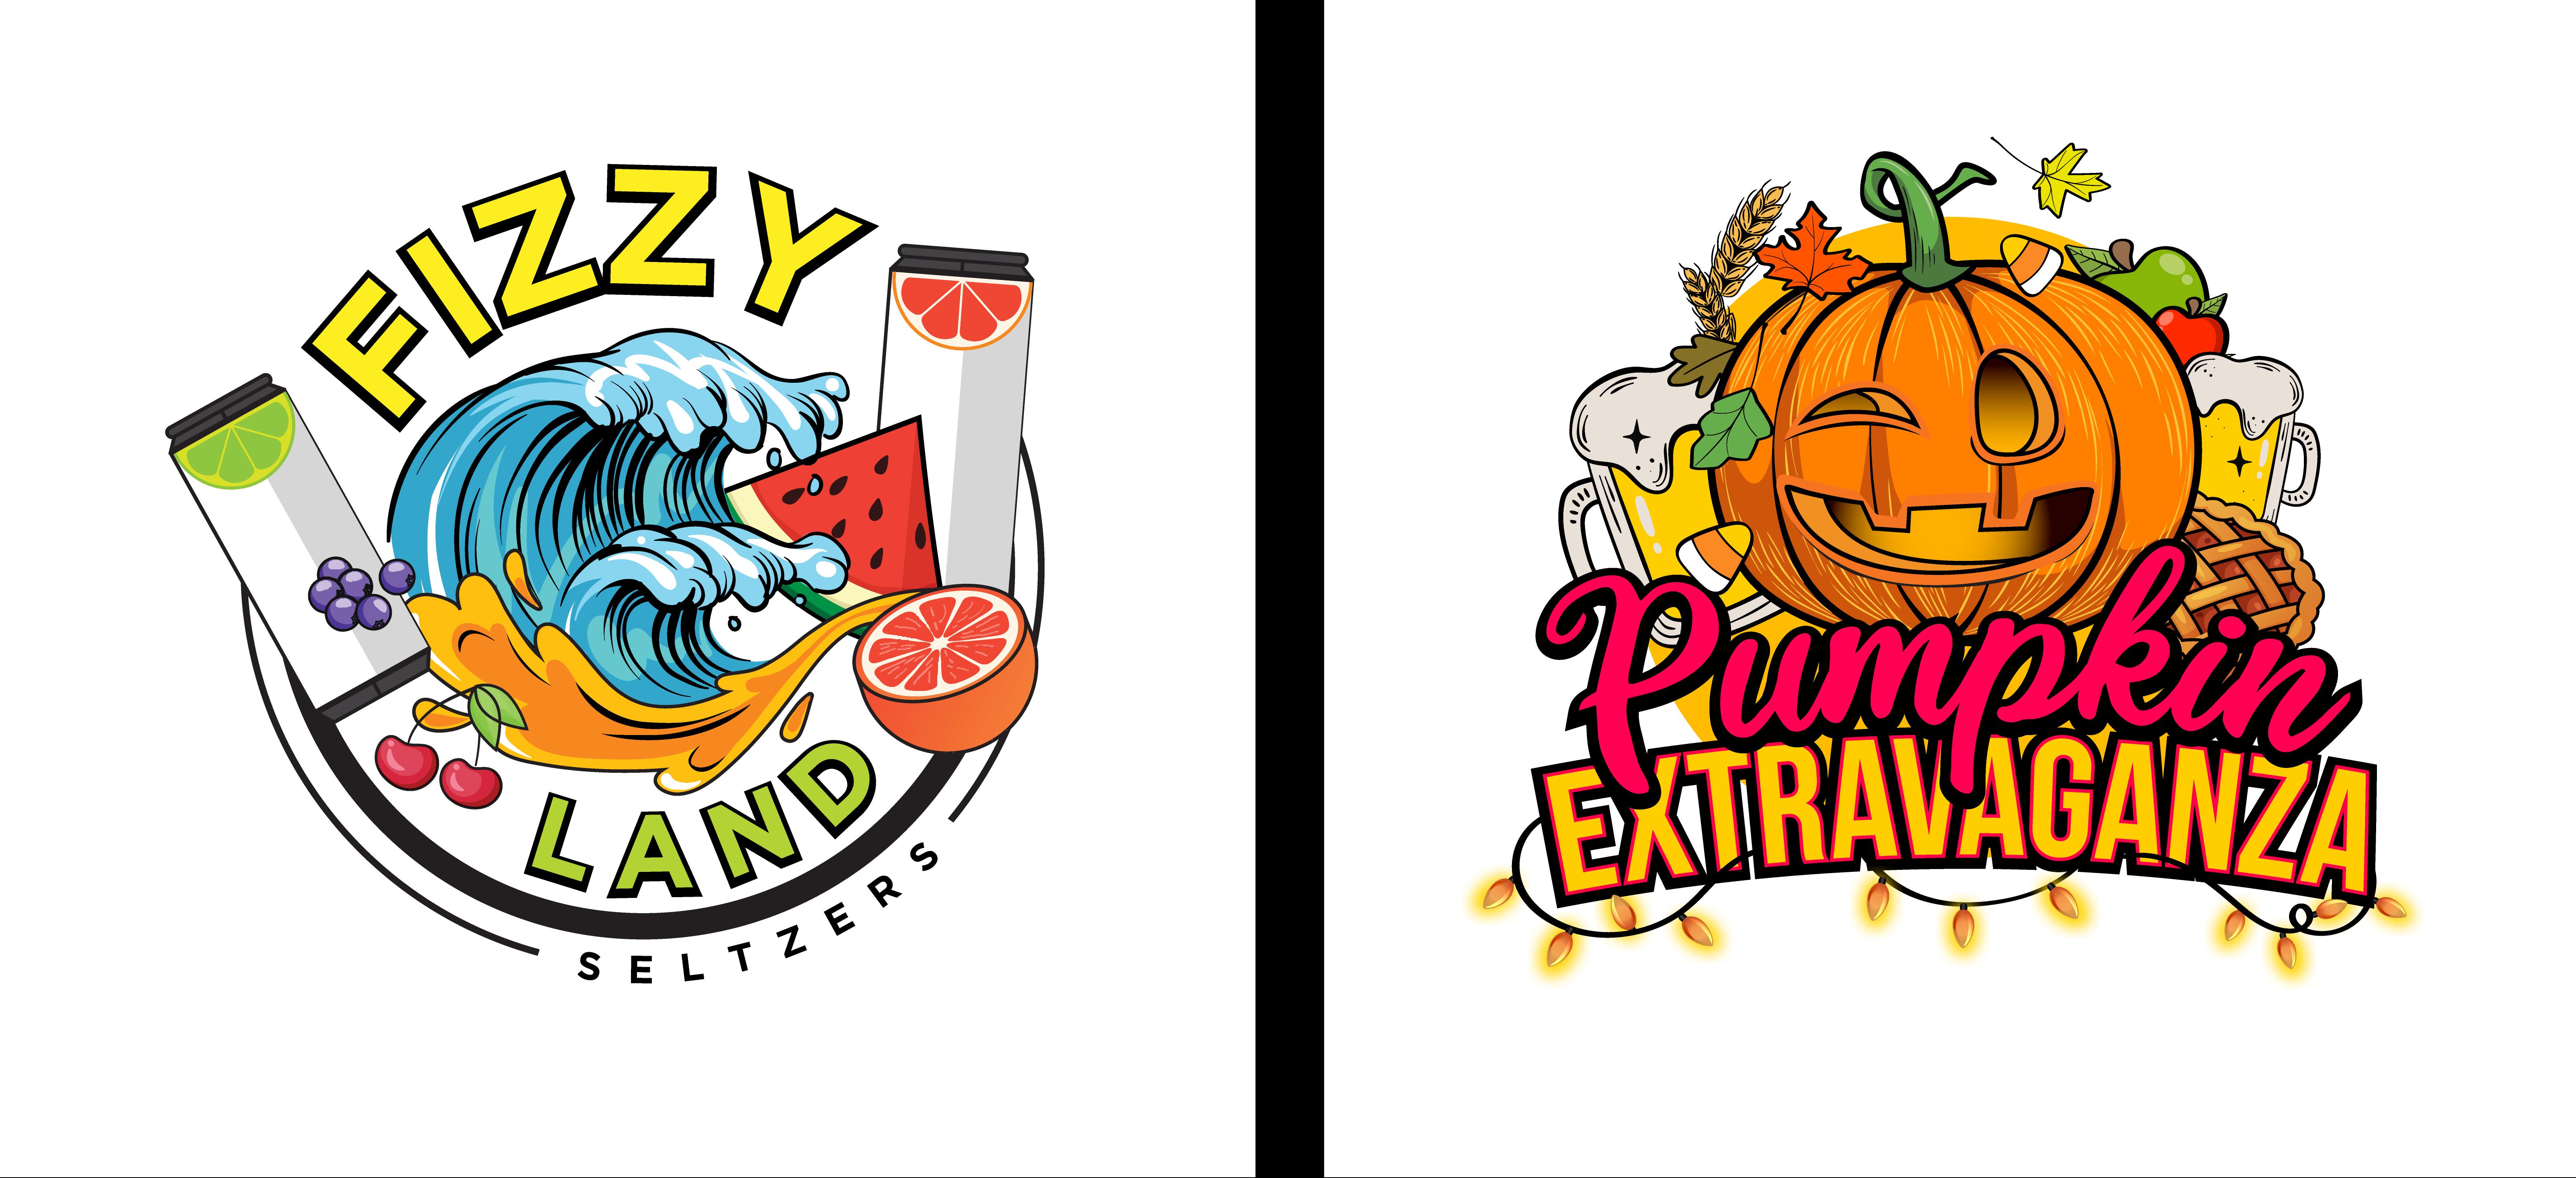 Fizzy Land and Pumpkin Extravaganza by Dekree Stuidos